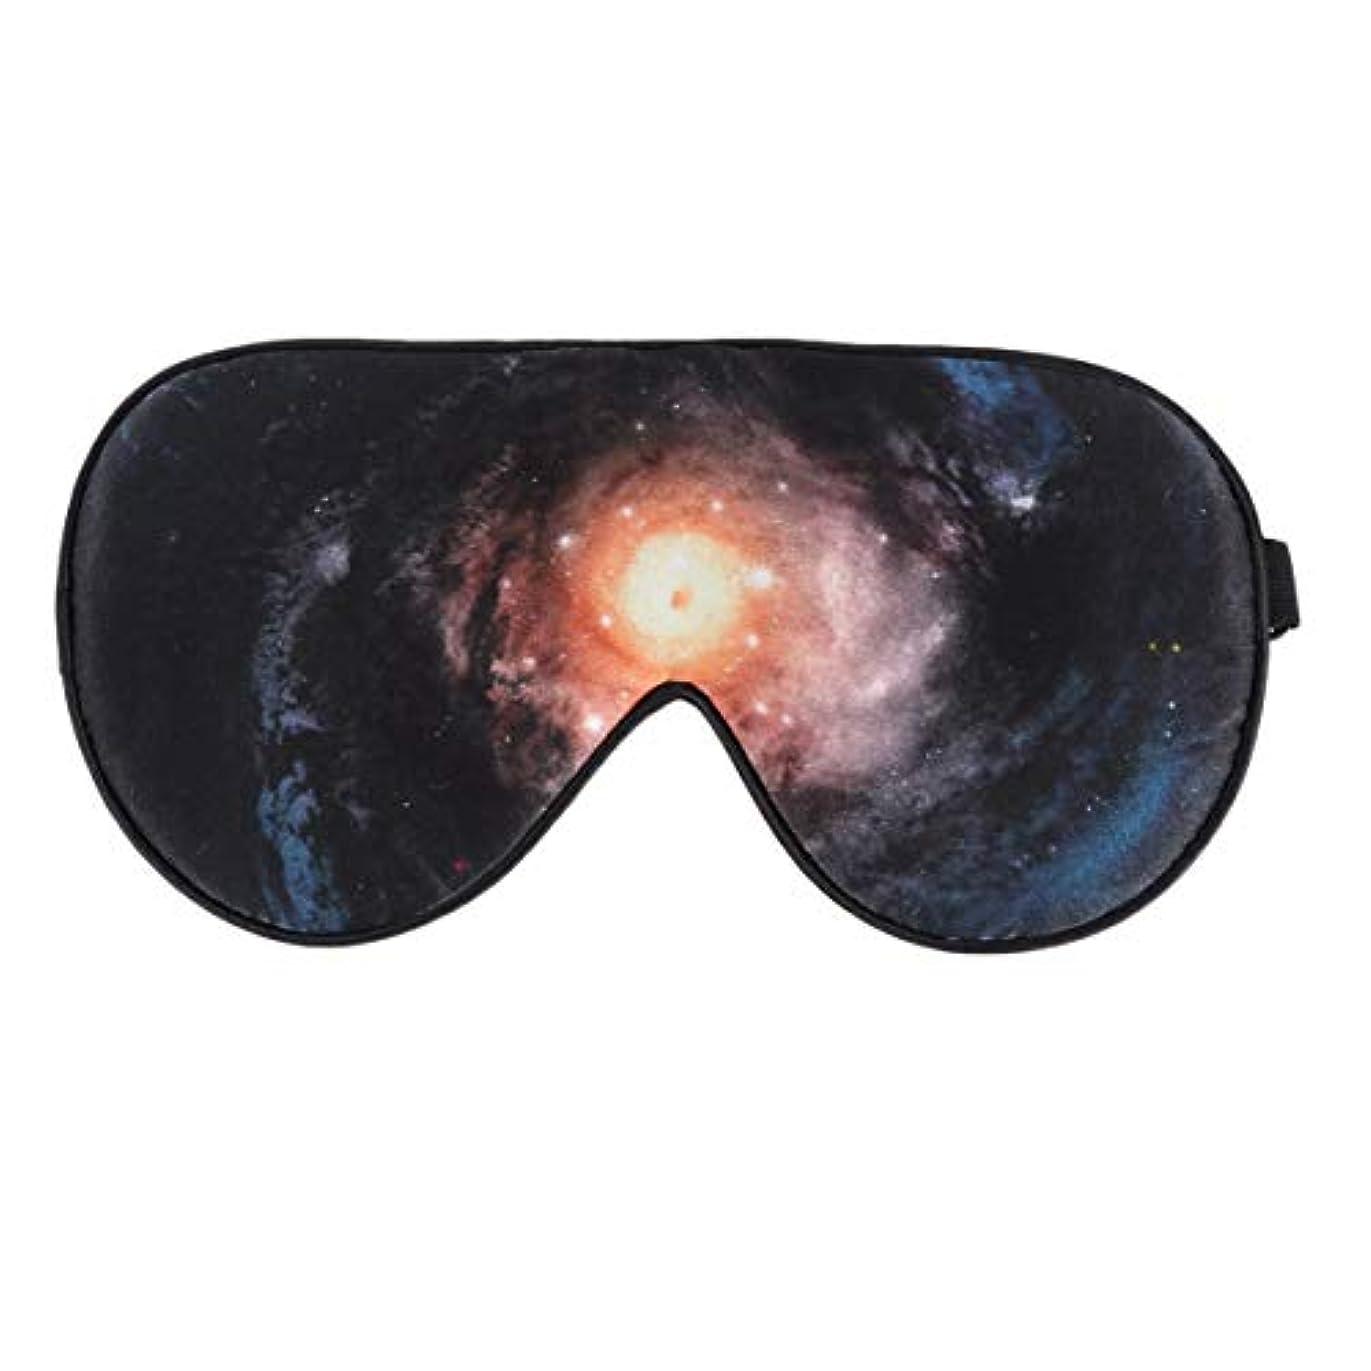 書く持ってるおんどりSUPVOX 睡眠マスクシルクアイマスクソフト弾性ストラップ星空パターン睡眠睡眠昼寝旅行用ポータブル